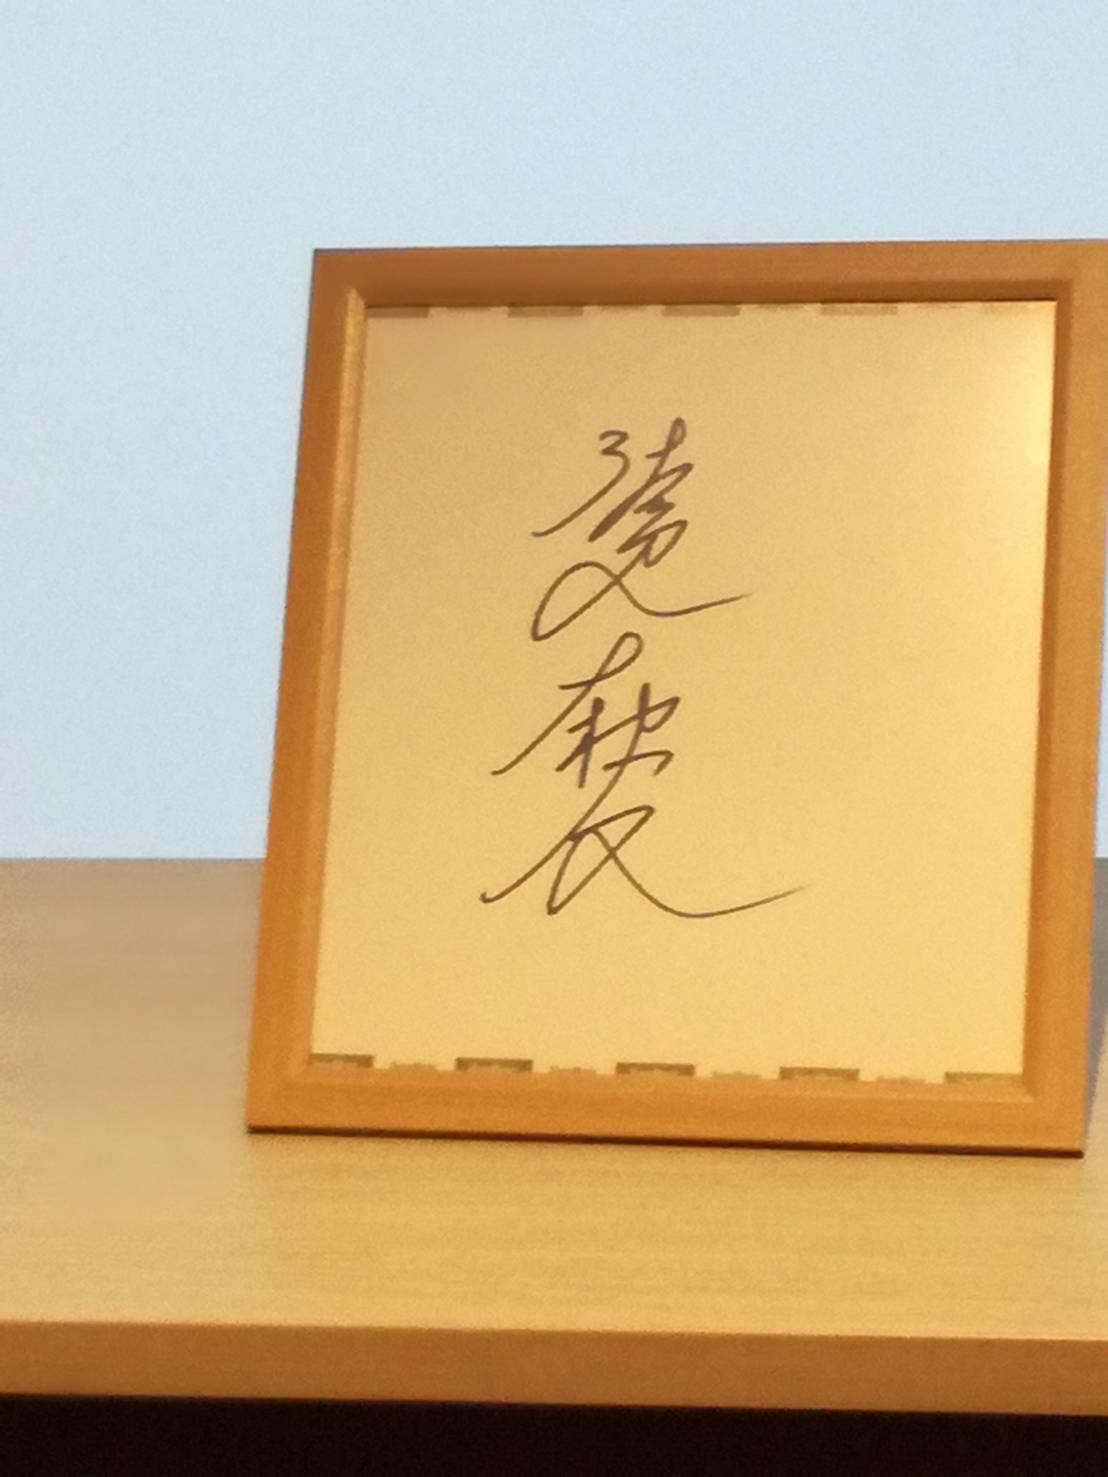 【渡辺麻友】さんがサインを変えました!